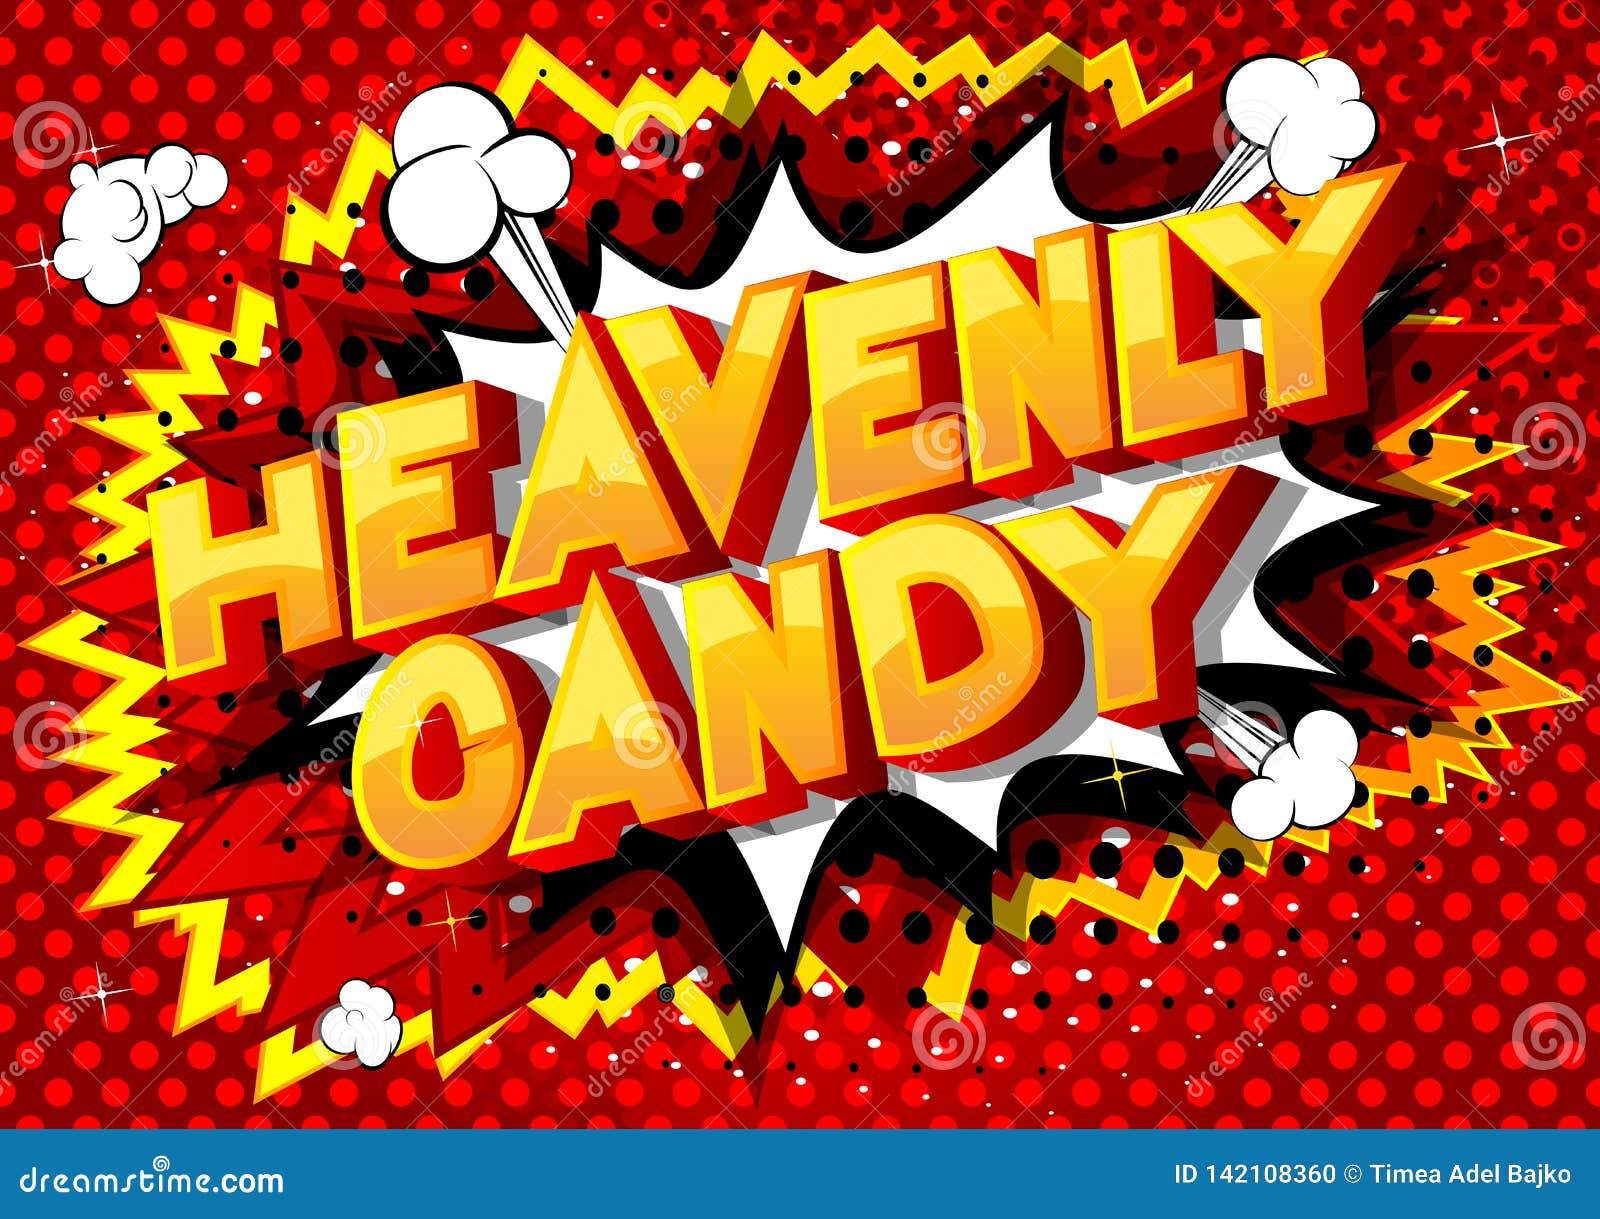 Hemels Suikergoed - de Grappige woorden van de boekstijl